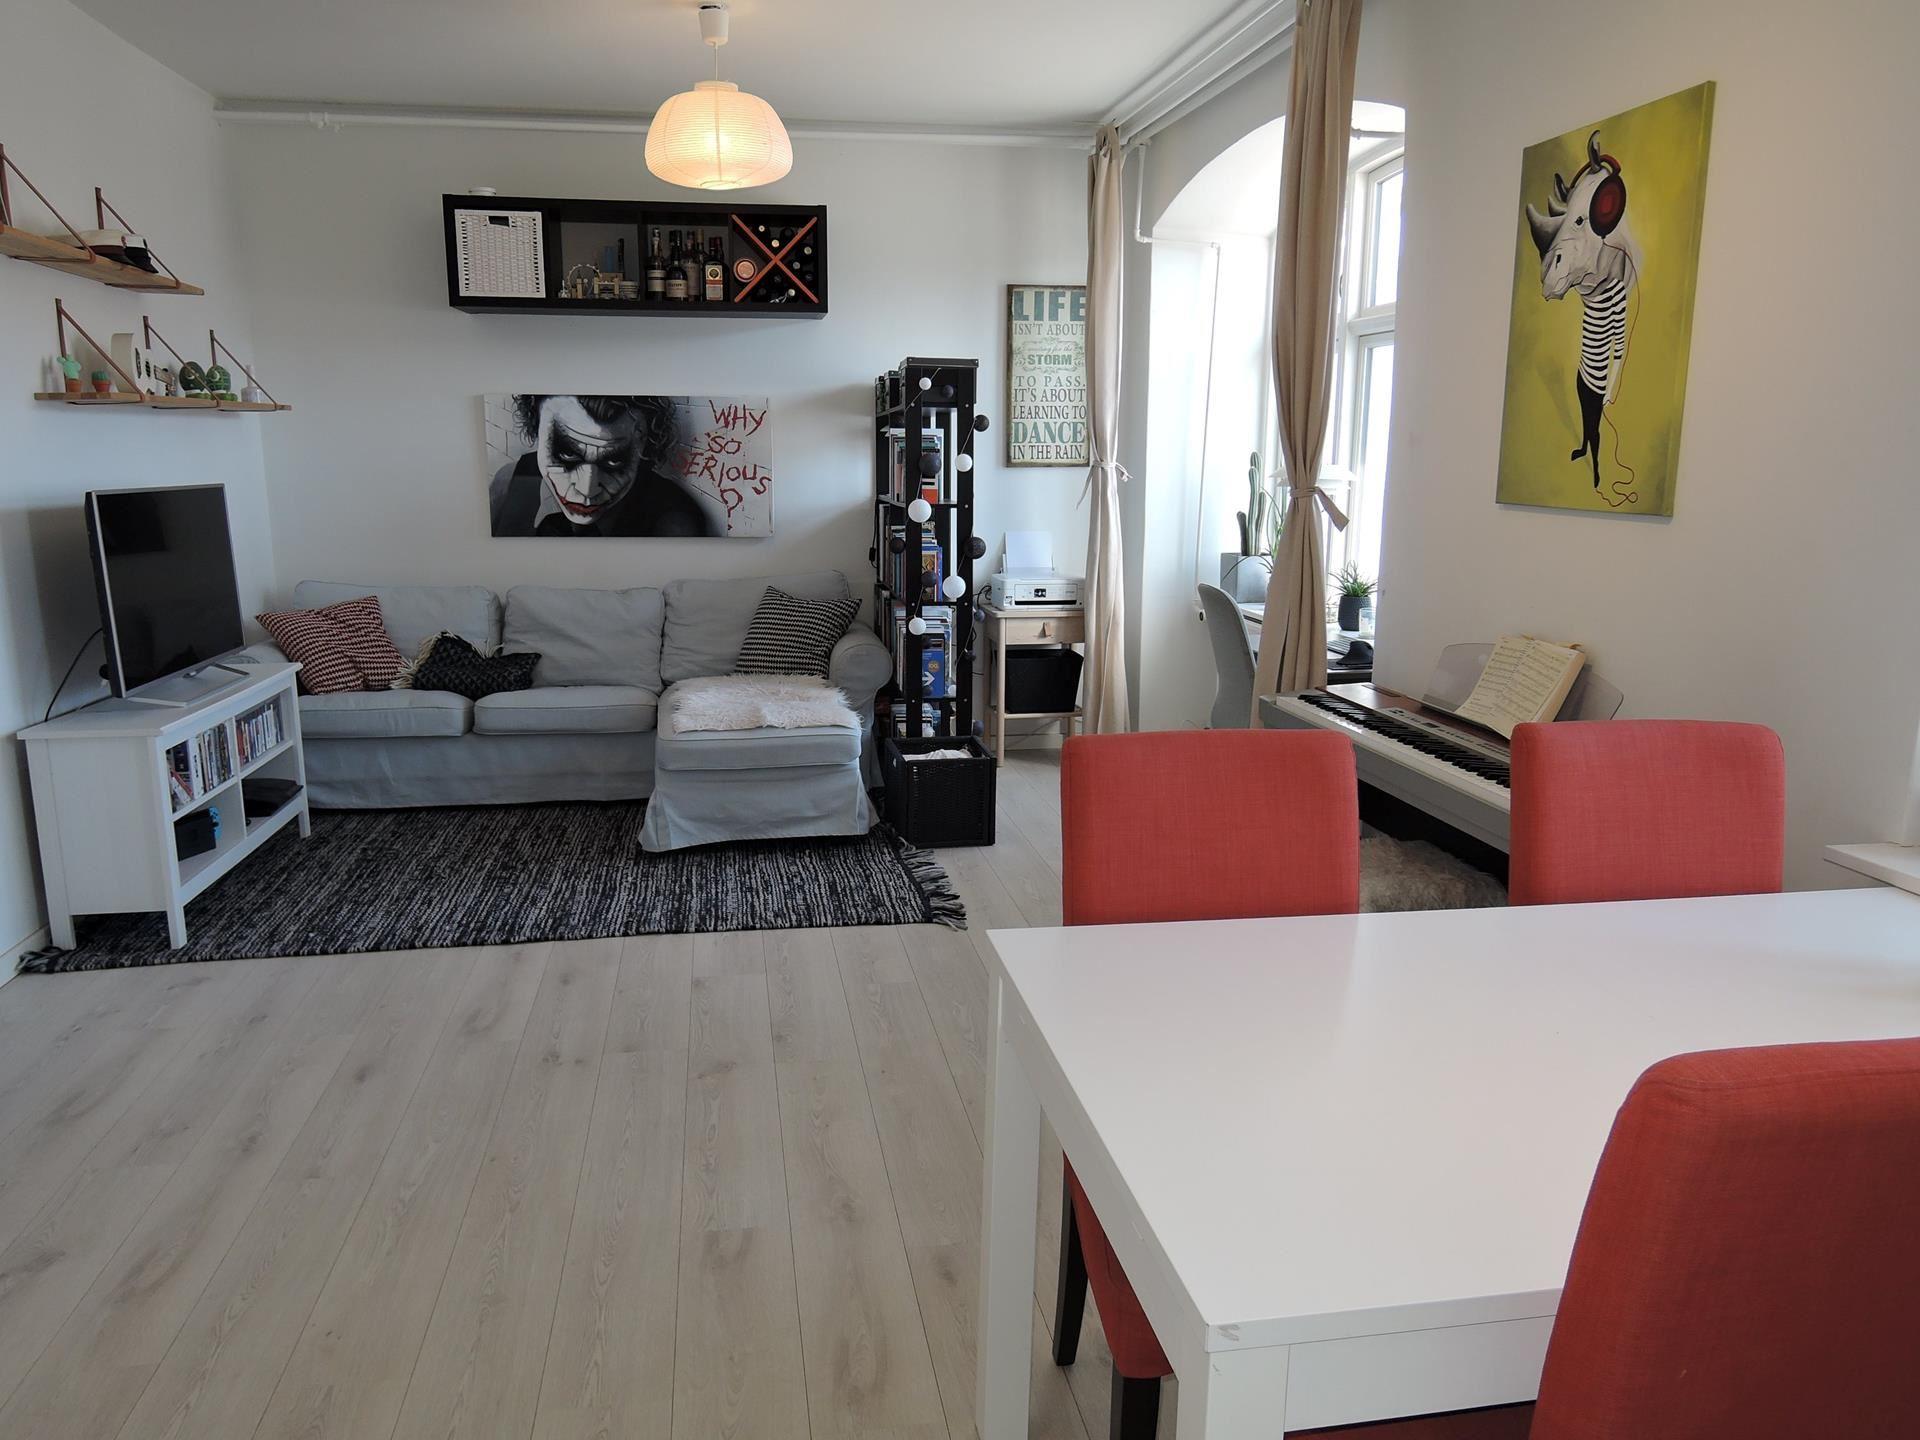 Strandvejen 8B, kld.. th., 8000 Aarhus C